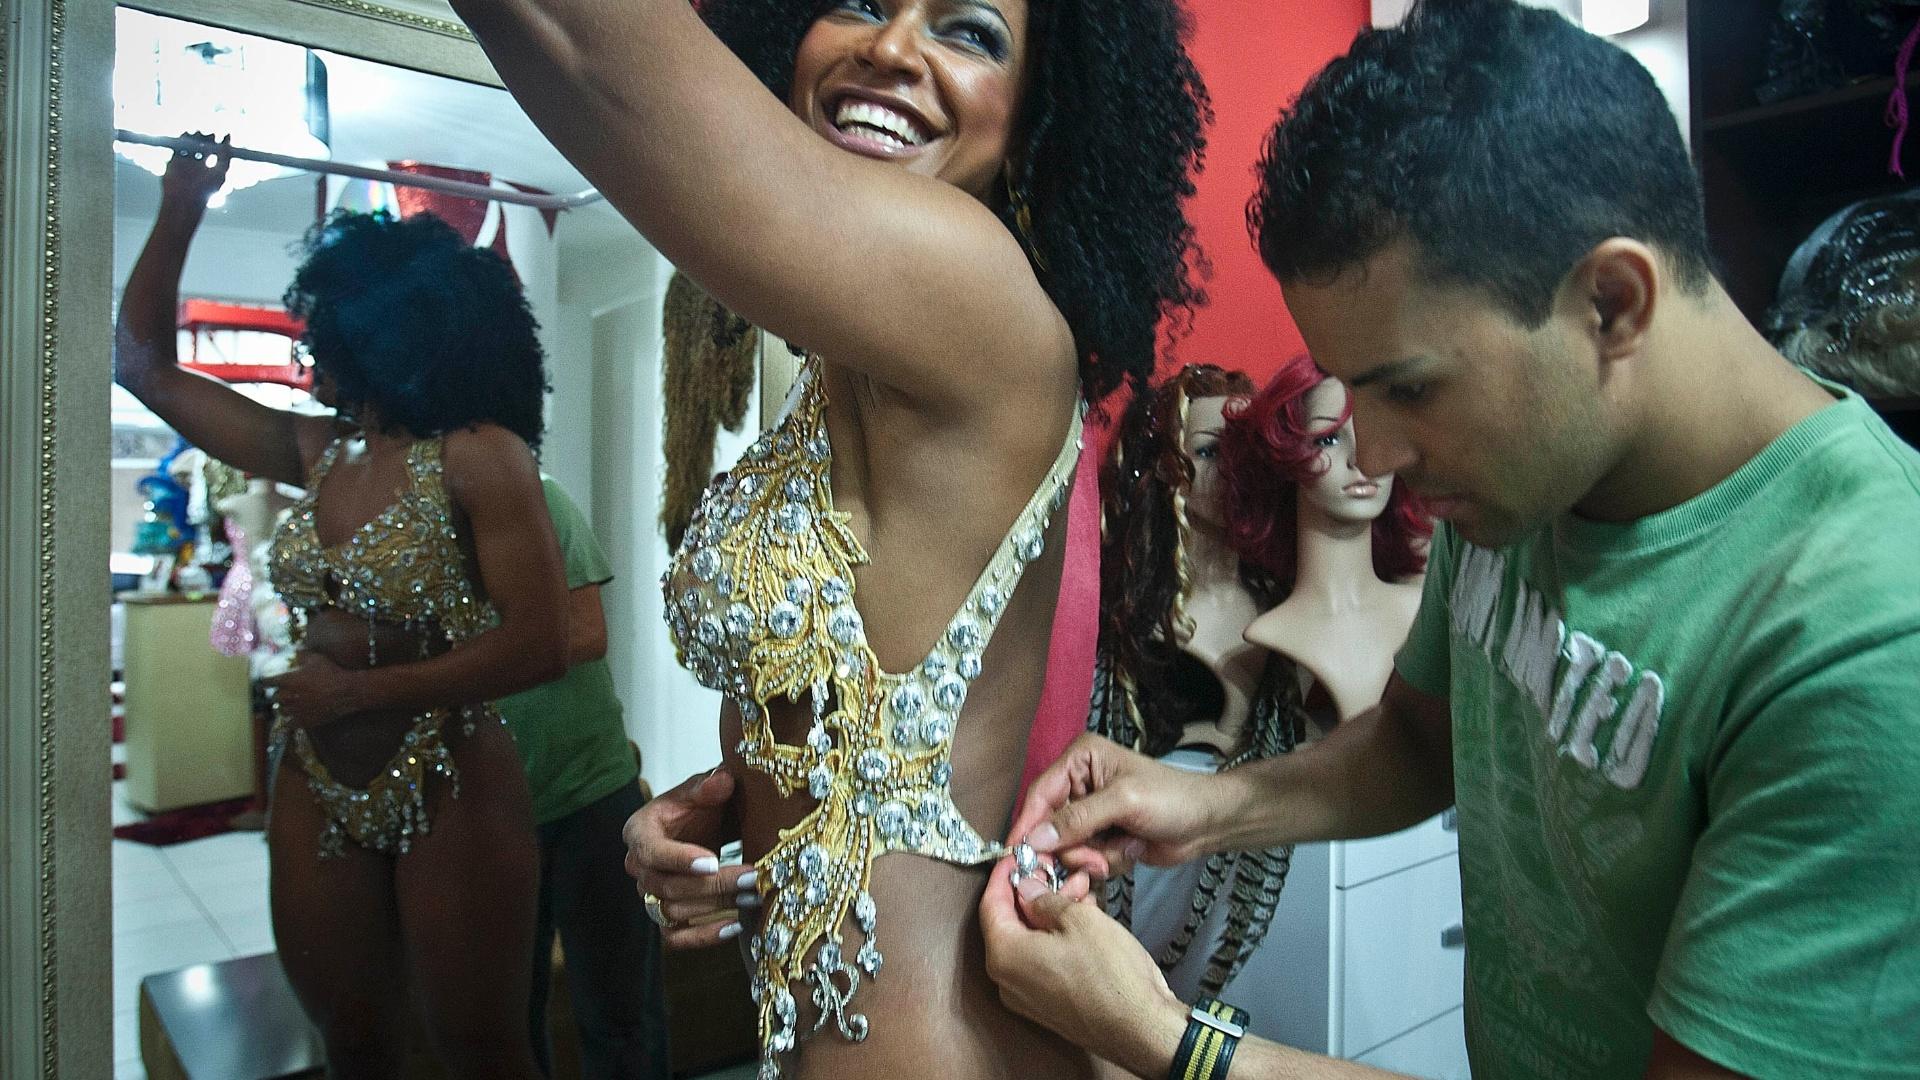 Simone Sampaio provou fantasias no centro de São Paulo na quinta-feira (26/01/12). Neste Carnaval, a rainha das rainhas estará à frente da bateria da Dragões da Real, que desfila no dia 18 de fevereiro. Na foto, ela veste um maiô dourado com 20 mil pedras, estimado em R$ 1.500